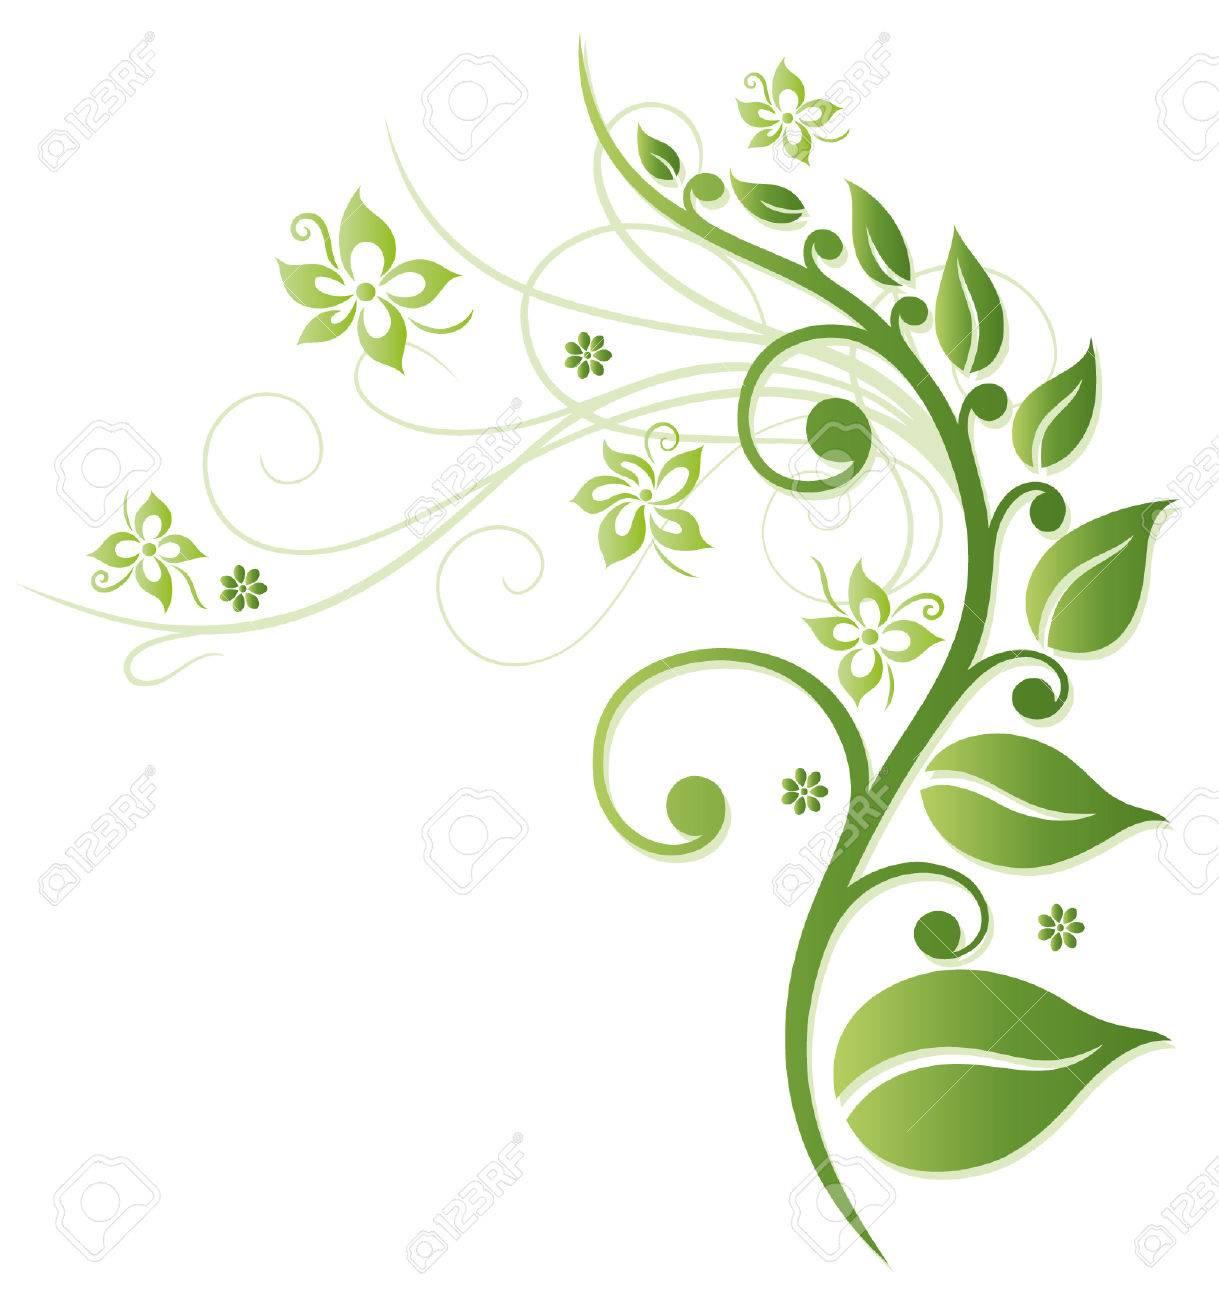 Grüne Blumen, bunten Frühlingszeit Standard-Bild - 23898854